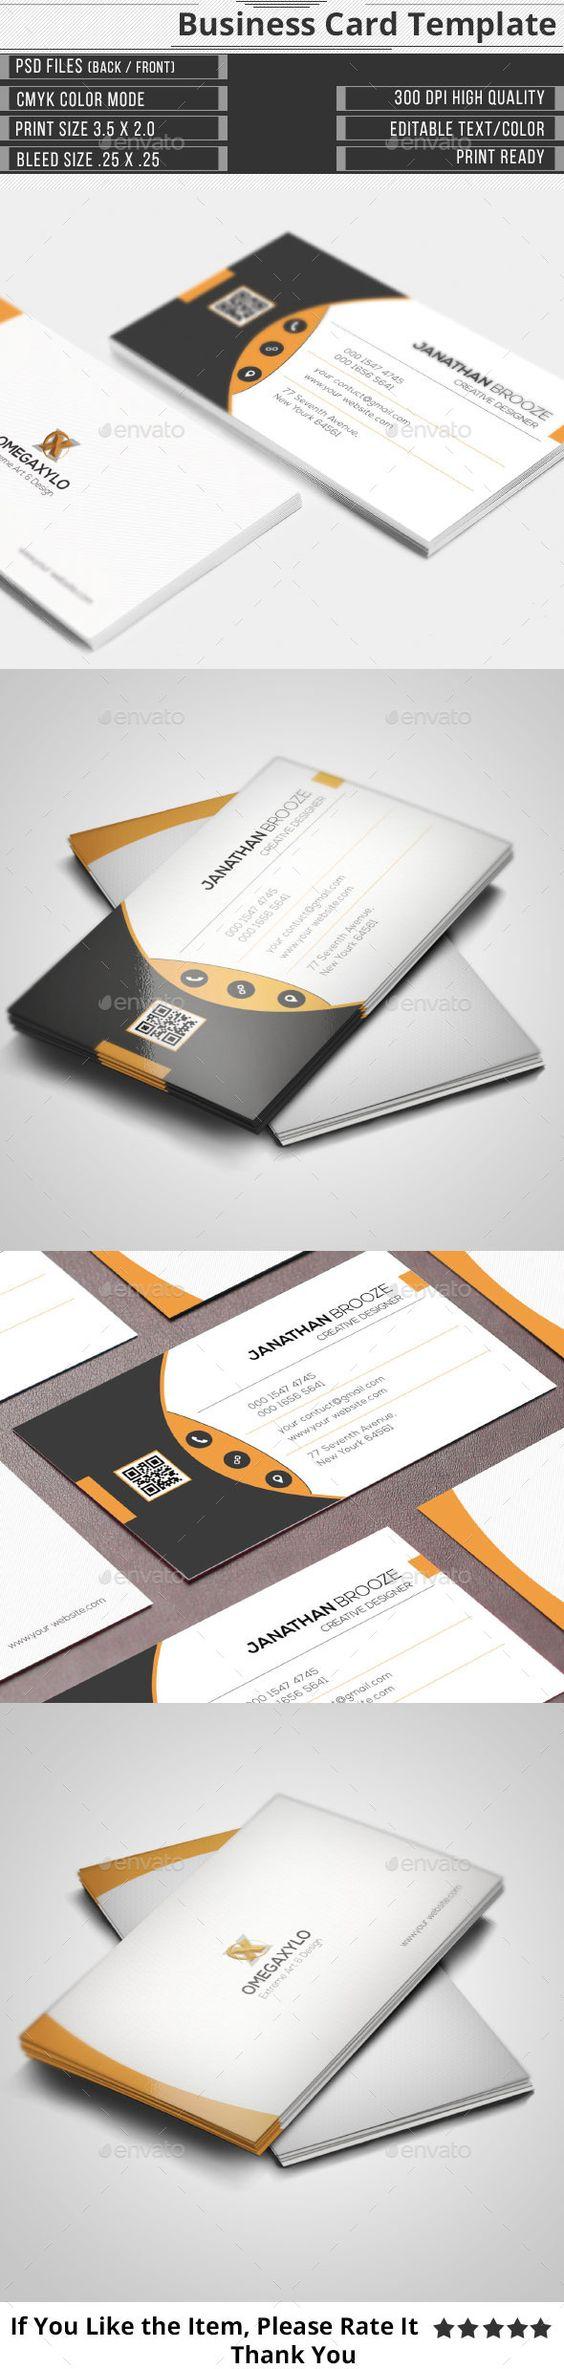 Nightmare Corporate Business Card Calibri Font Corporate Business